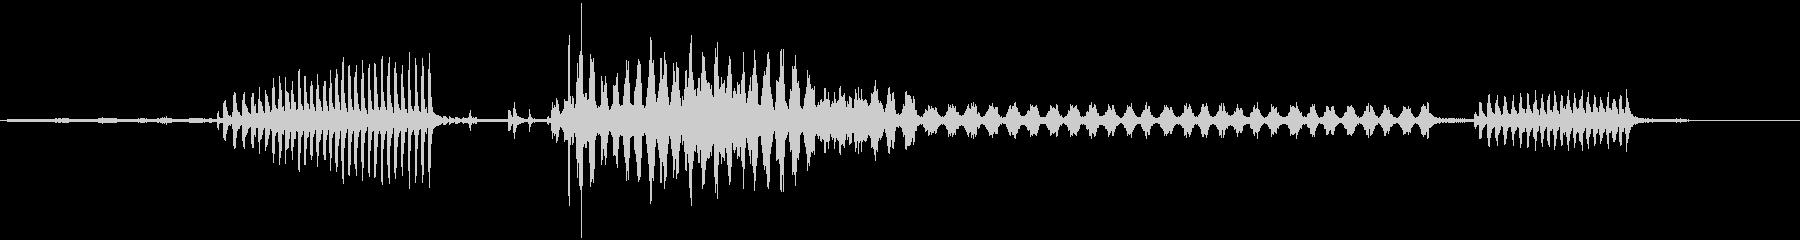 ガチョウ-鳥-フェンス-森3の未再生の波形